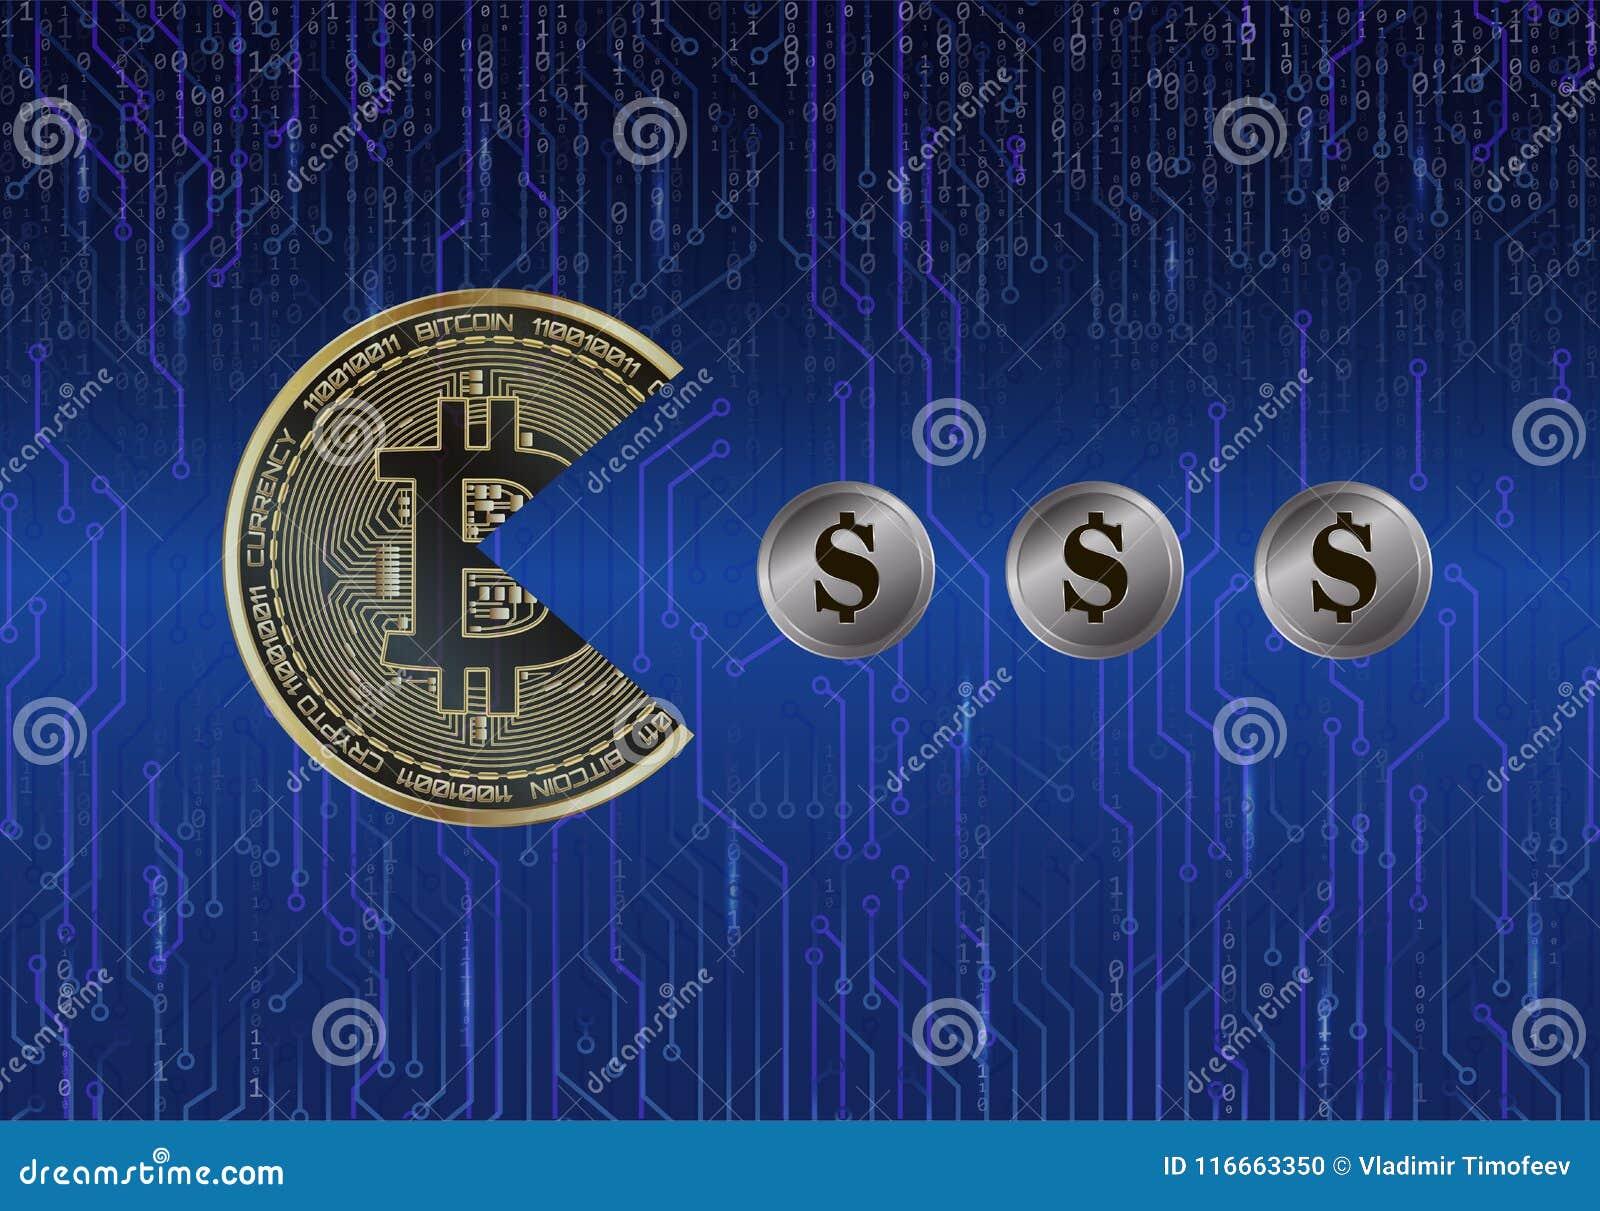 tradingview wan btc bitcoin bot botstamp